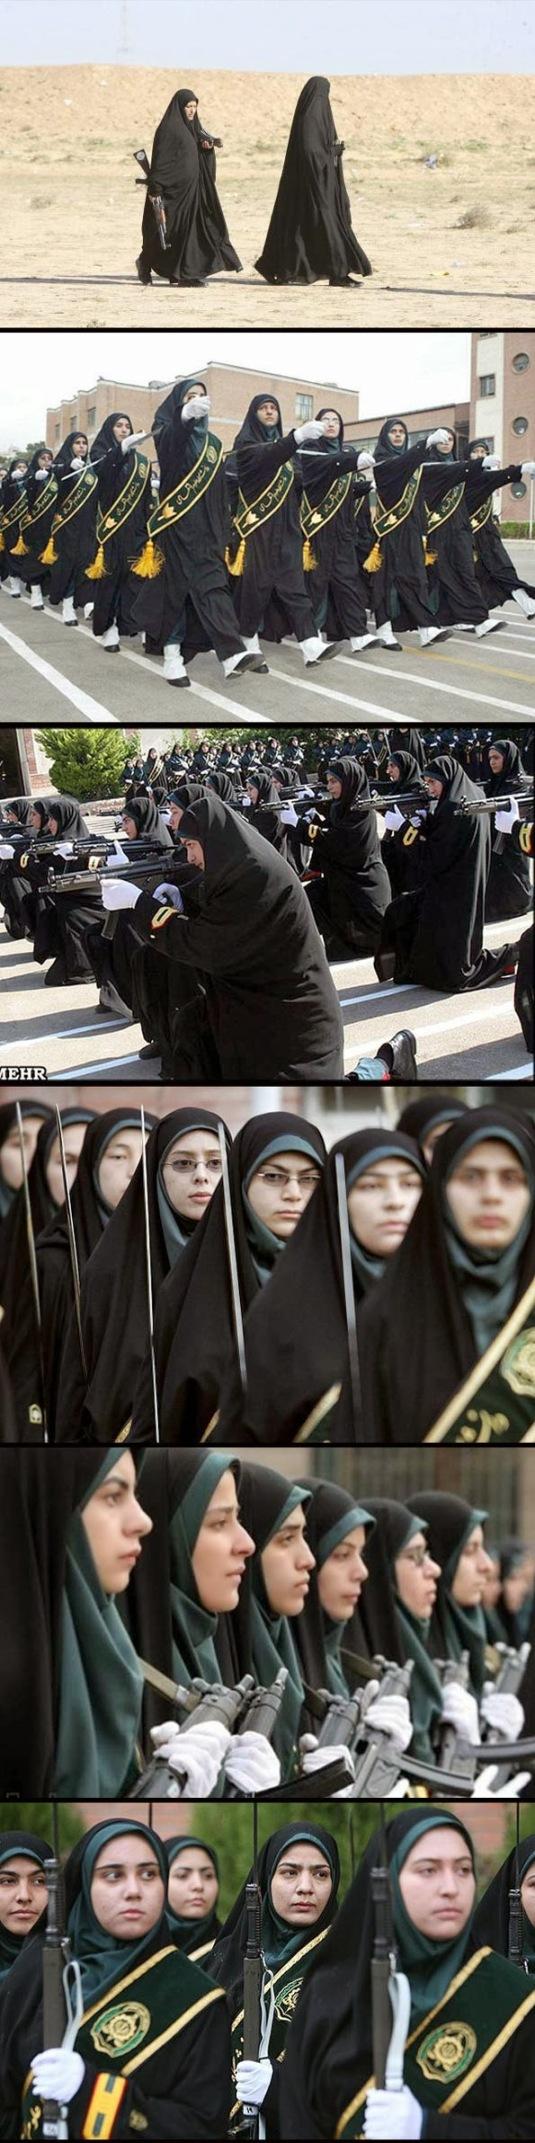 mengintip-aksi-polisi-wanita-irak-berjubah-saat-latihan-tembak-001-nfi_02